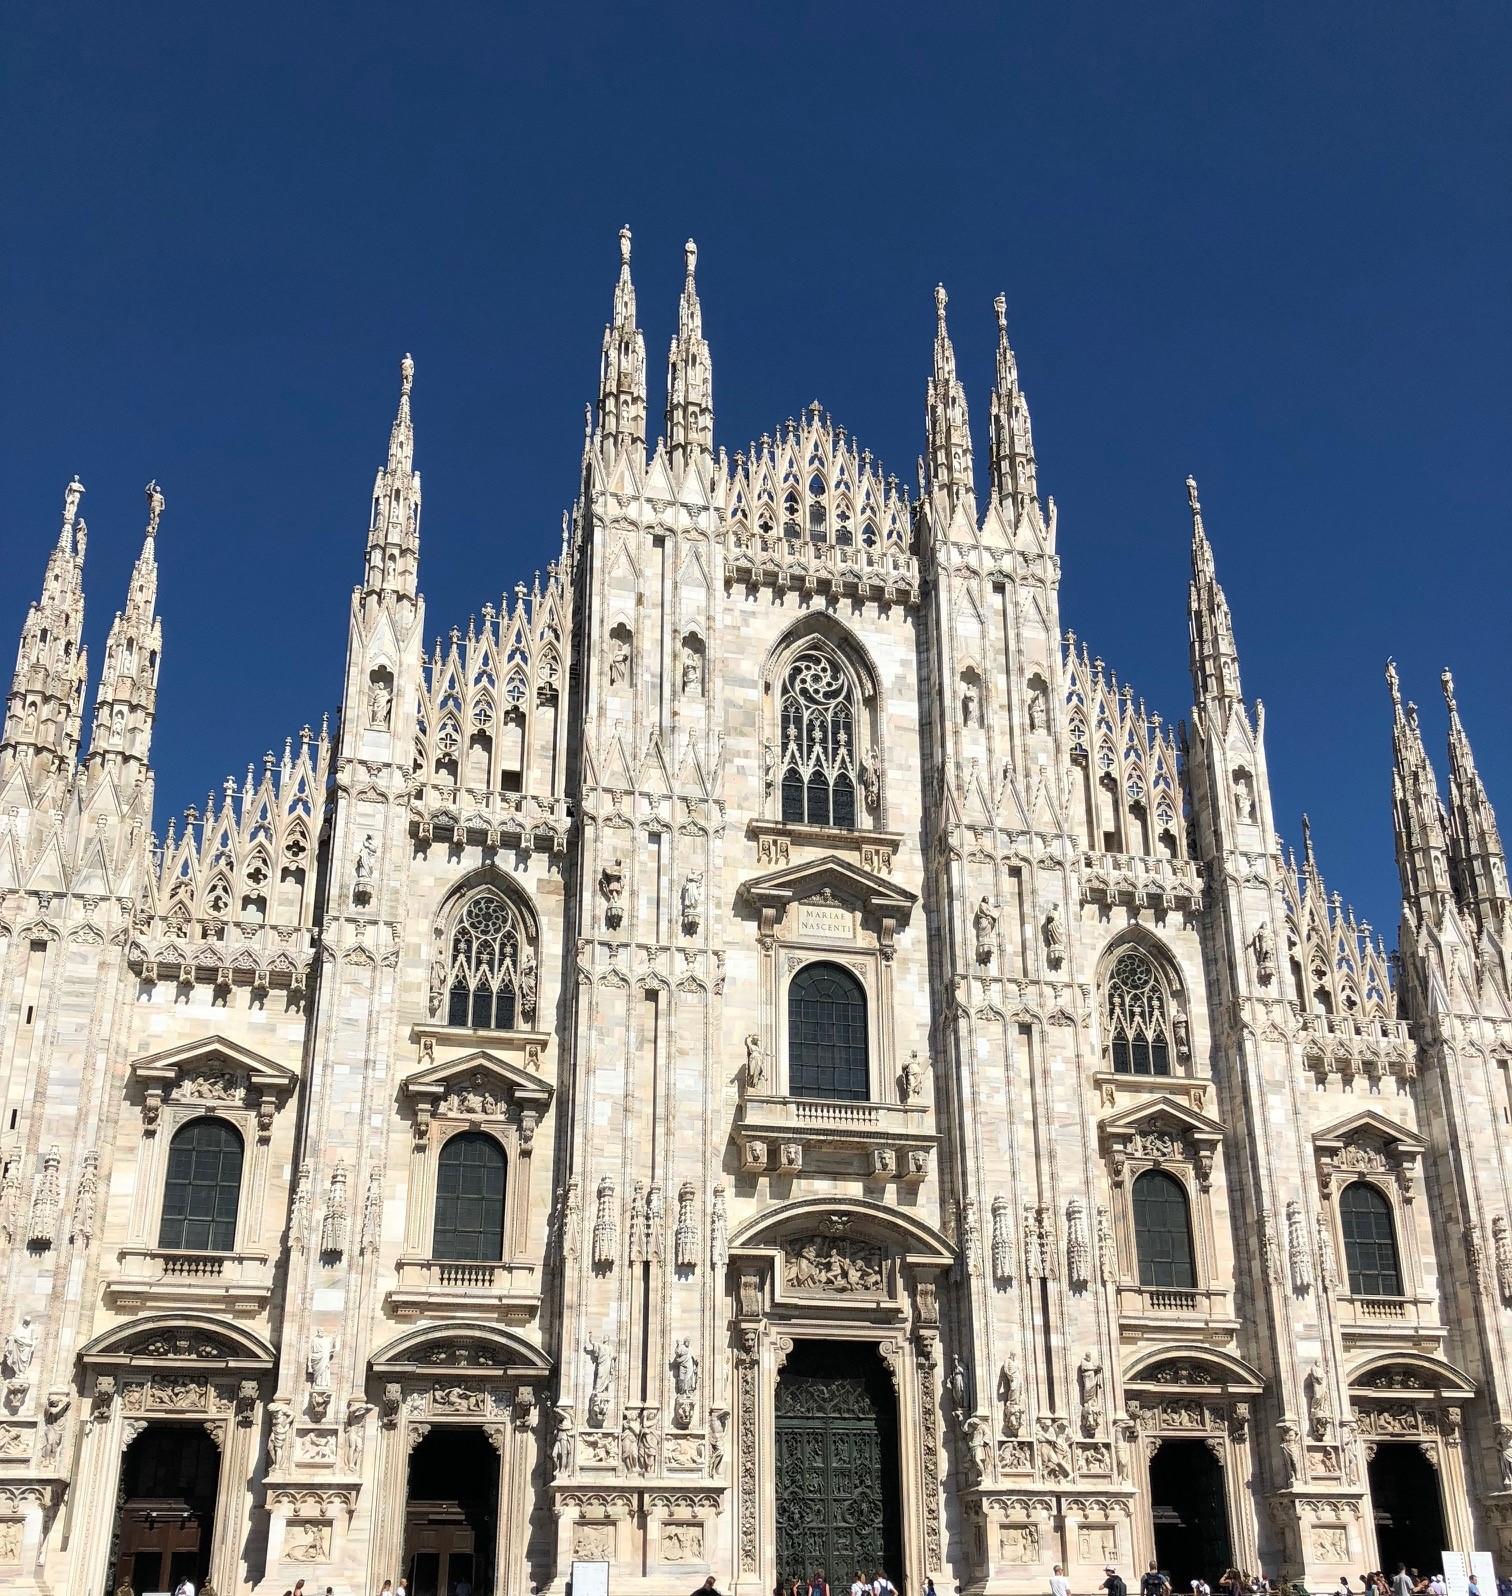 milano - Due giorni alla riscoperta di Milano e Monza - 01/11-02/11/2019